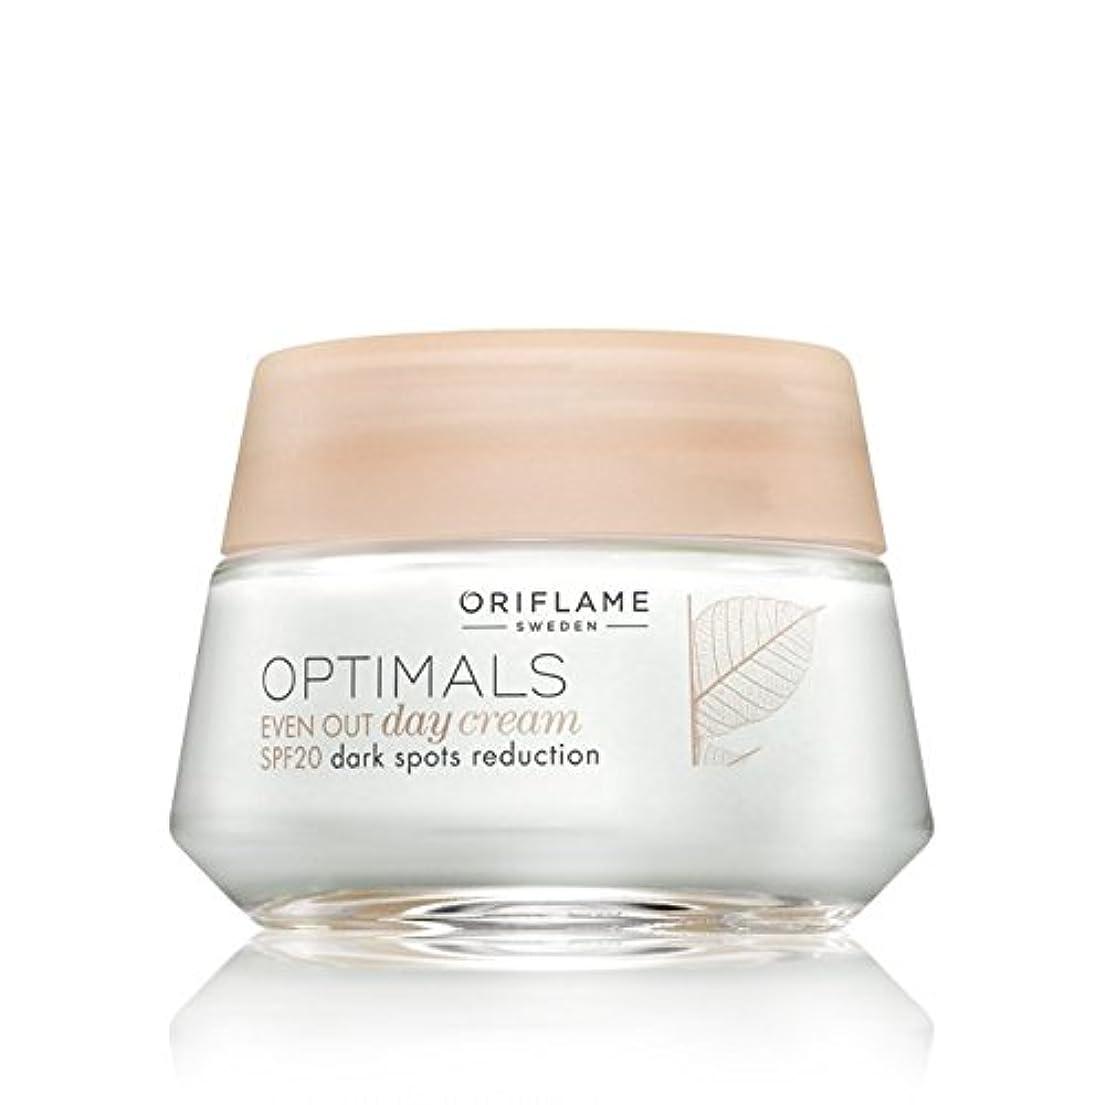 平野標準辛いOriflame Optimals SPF 20 Dark Spot Reduction Even Out Day Cream, 50ml